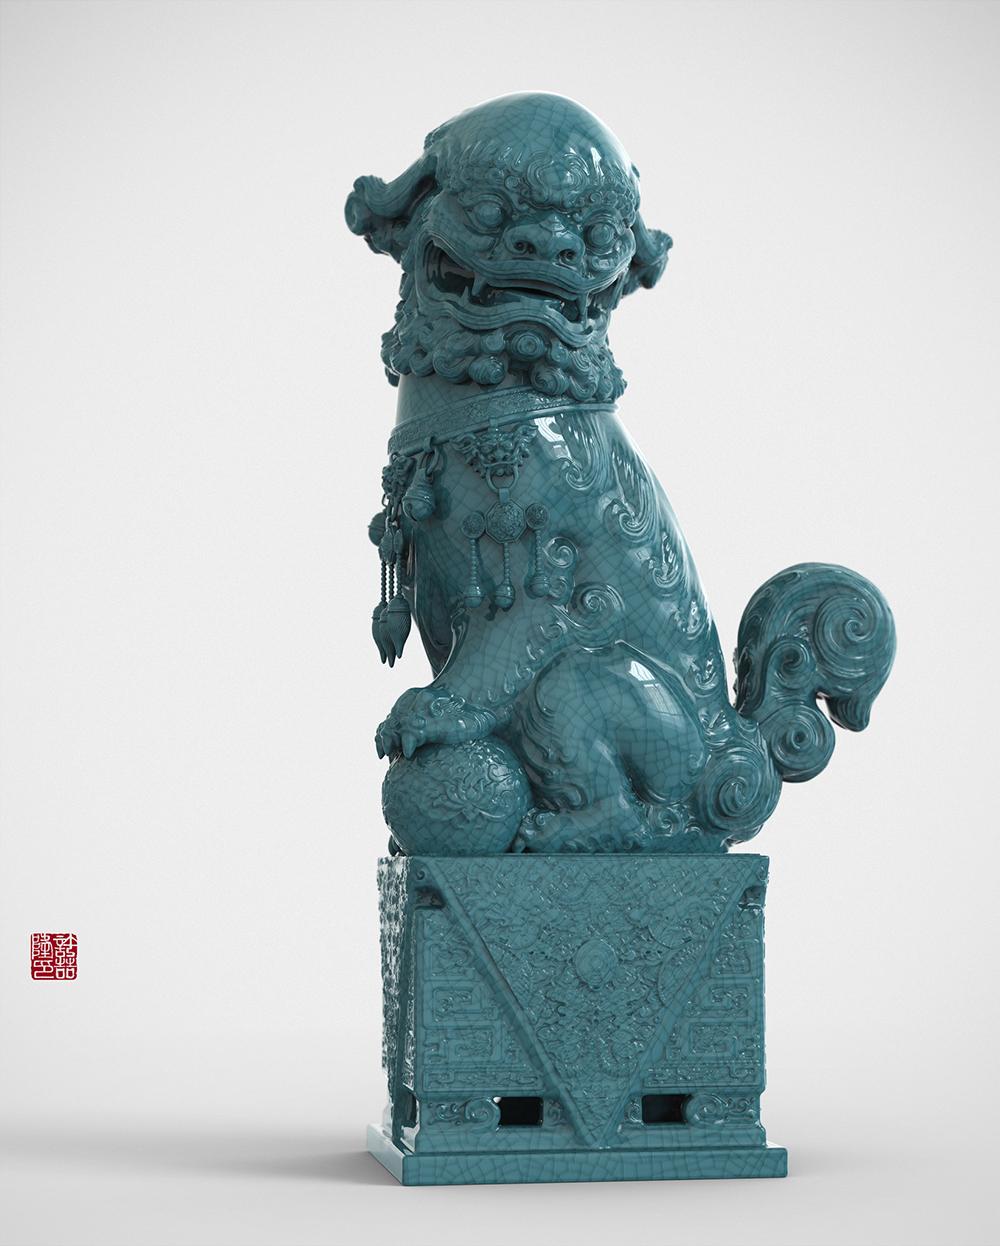 zhelong-xu-keyshot-03